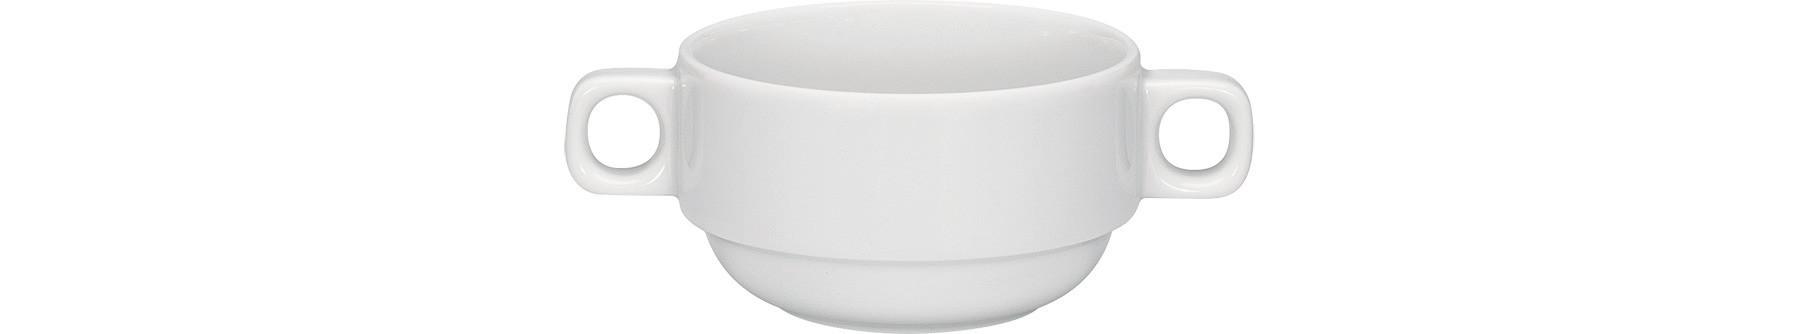 898/598, Suppentasse ø 98 mm / 0,26 l Form 898